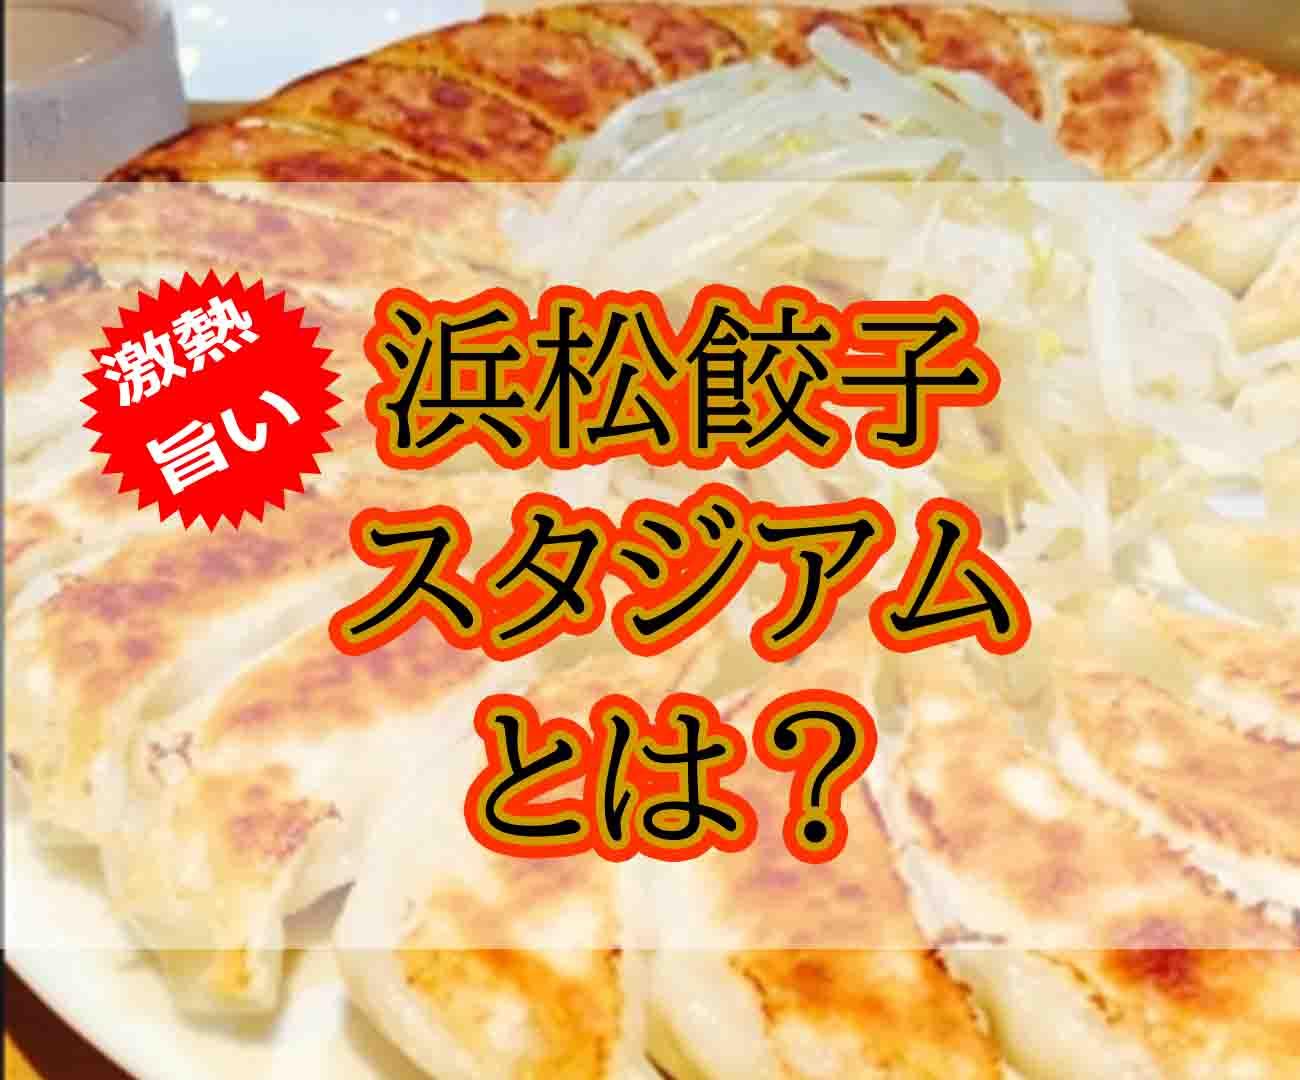 浜松餃子スタジアムとは?浜松餃子が9店舗集まった激熱ポイントだった